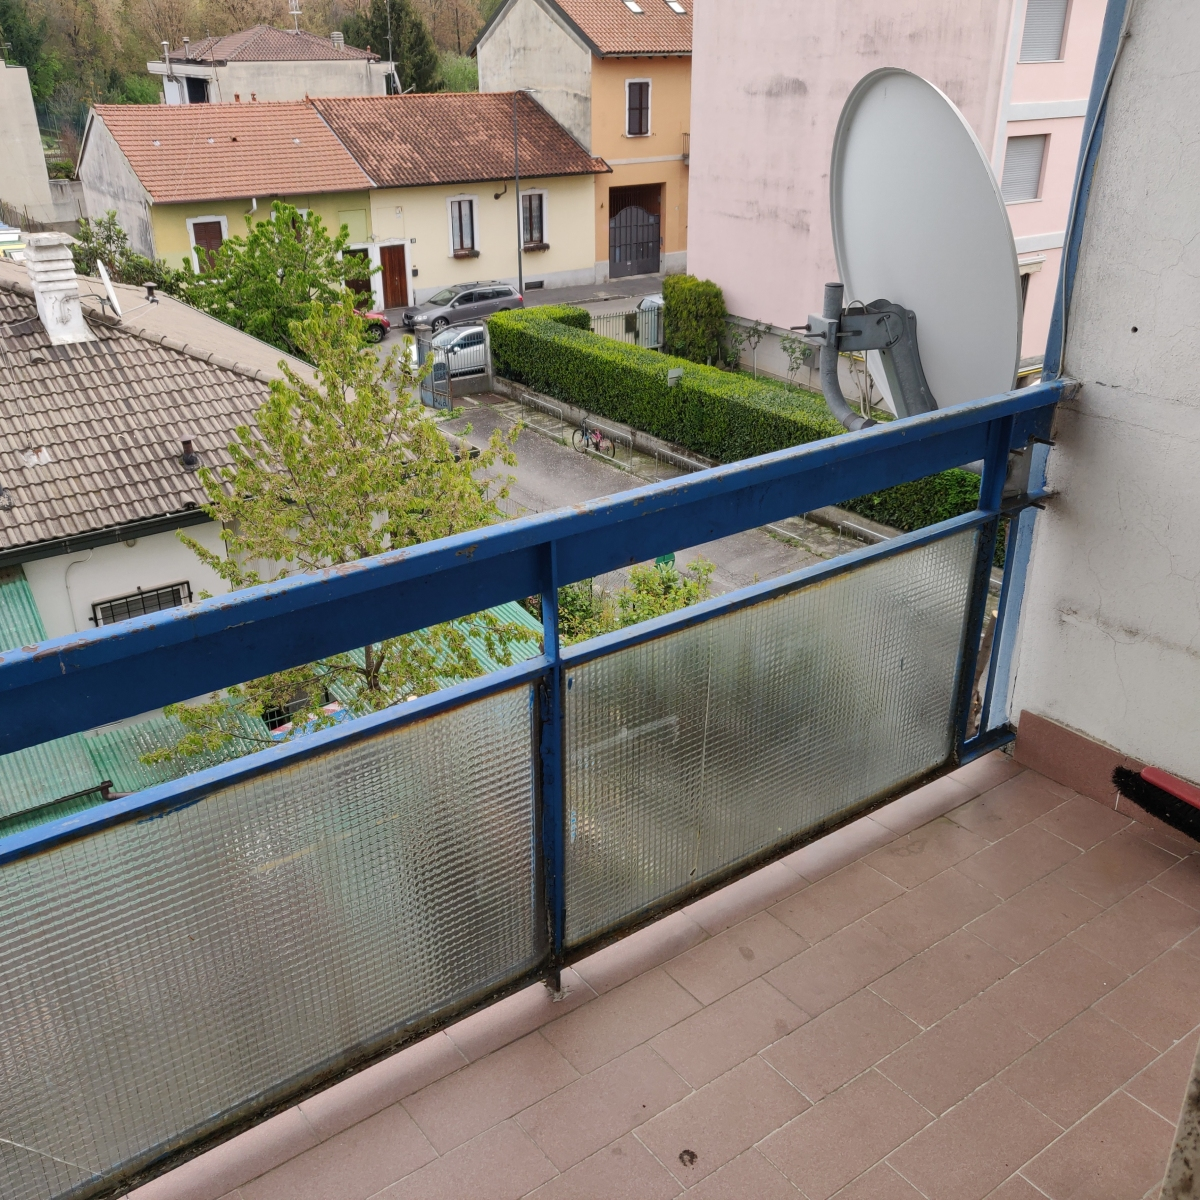 appartamento-in-vendita-via-bisi-milano-baggio-2-locali-bilocale-spaziourbano-immobiliare-vende-19